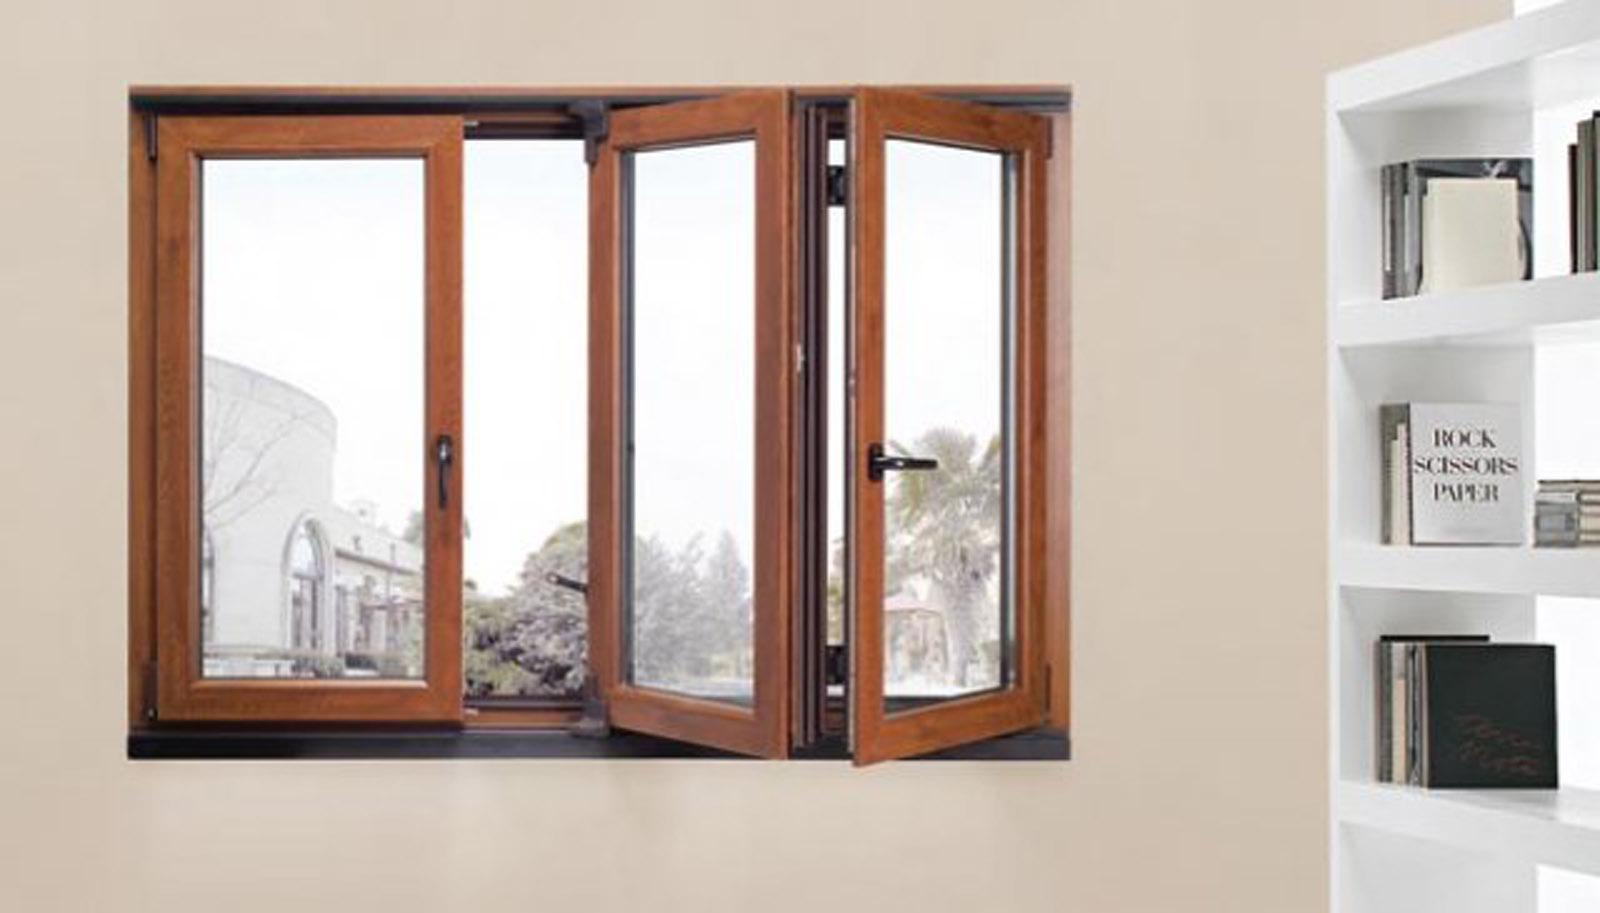 Finestre in pvc o alluminio i prezzi e le opinioni degli esperti catania messina enna siracusa - Finestre legno alluminio opinioni ...